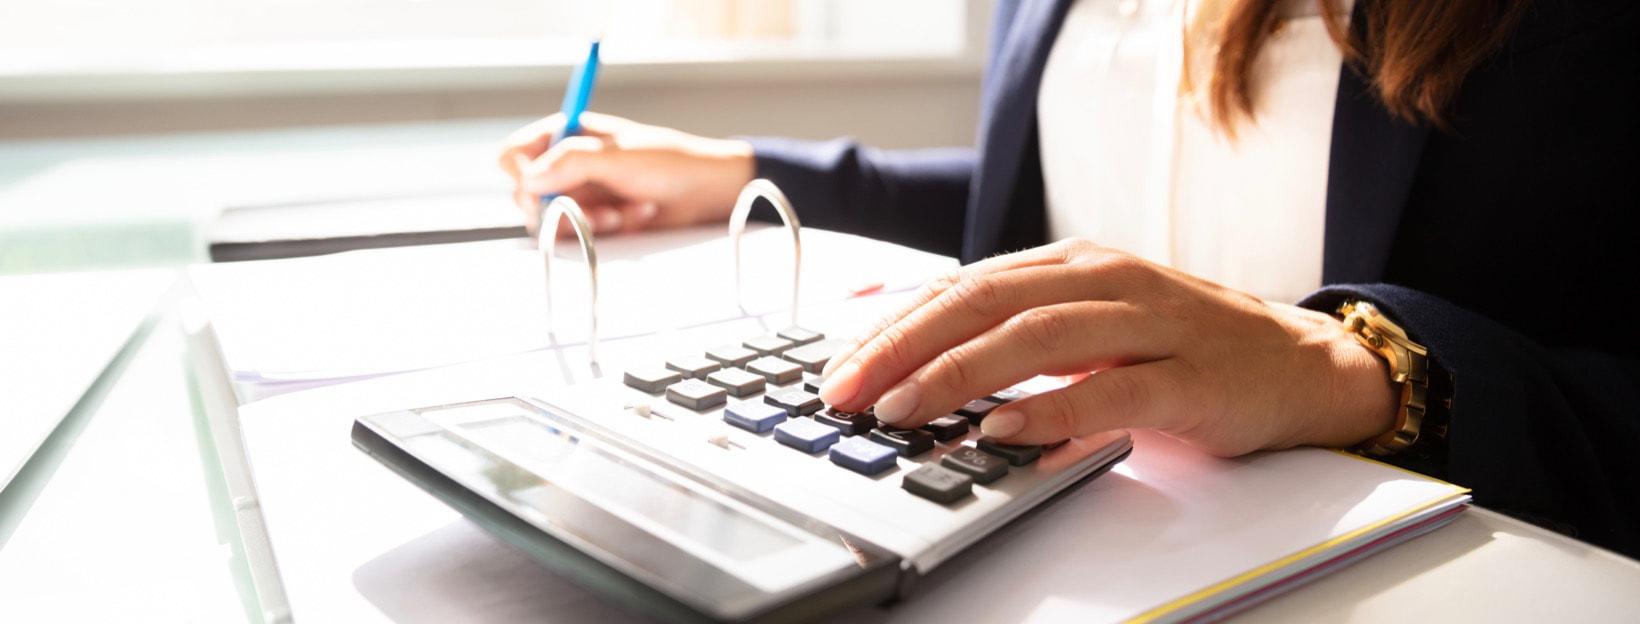 Geschäftsfrau mit Taschenrechner und Rechnungen